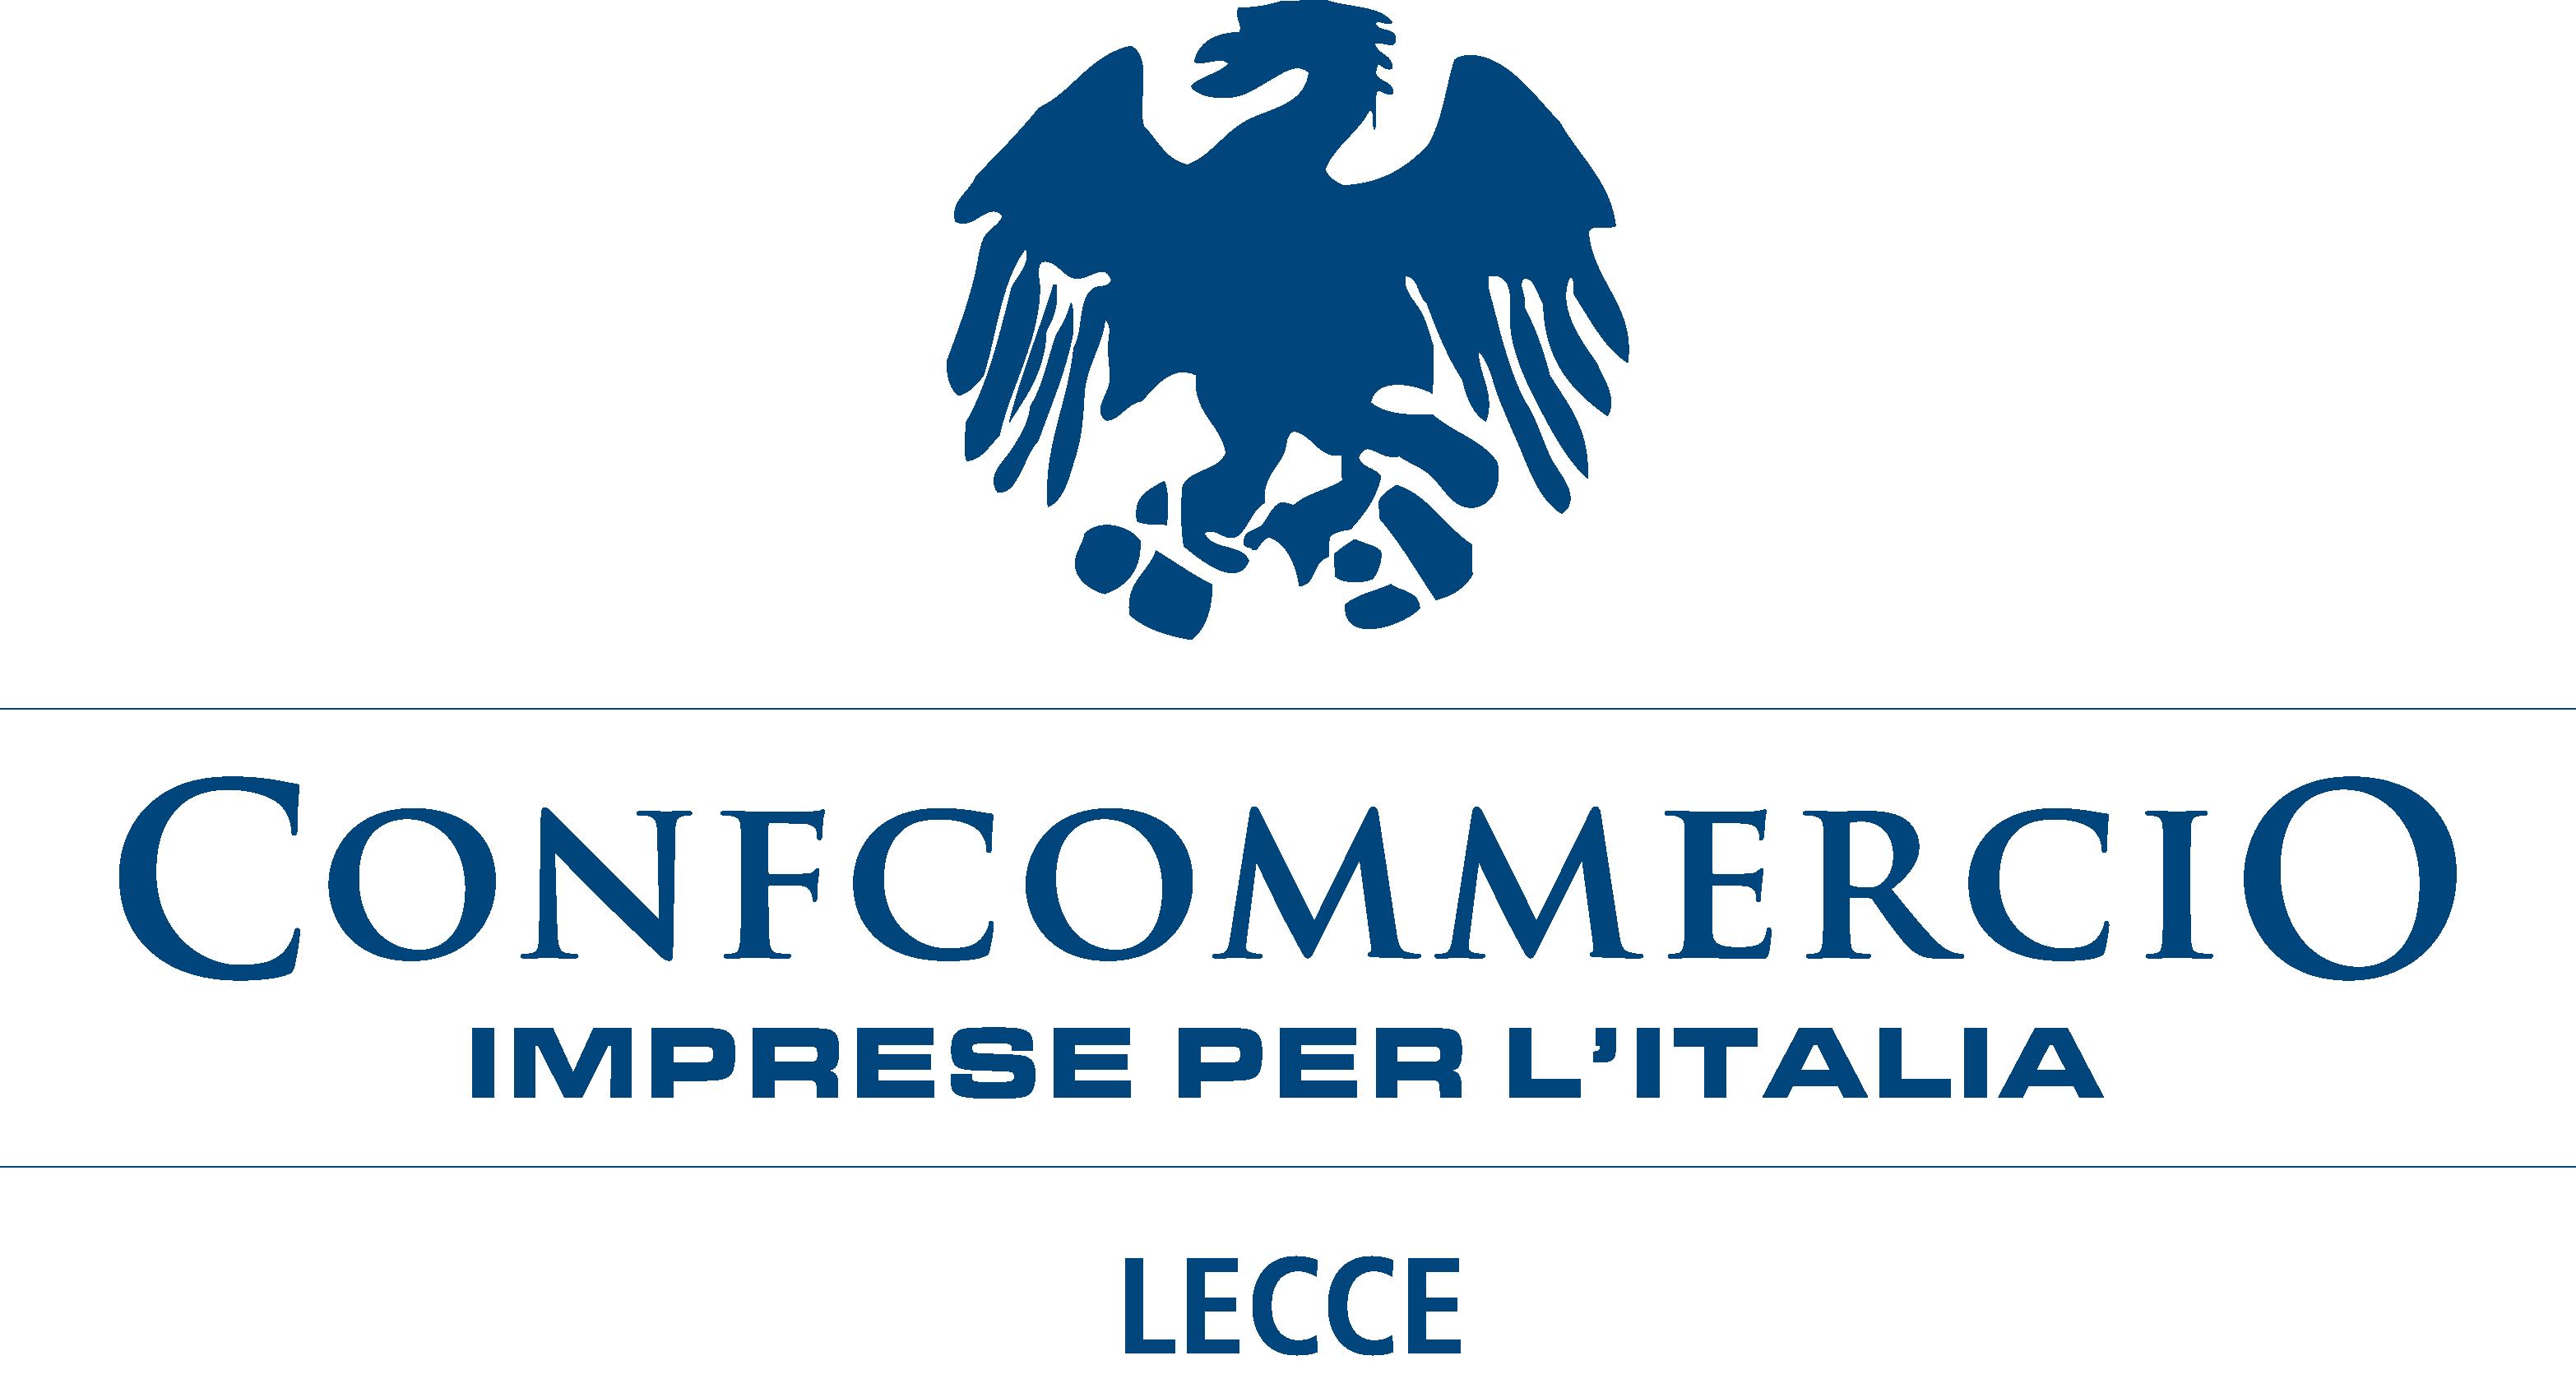 ASSEMBLEA CONFCOMMERCIO LECCE - I SOCI APPROVANO ALL'UNANIMITA' IL BILANCIO CONSUNTIVO 2019